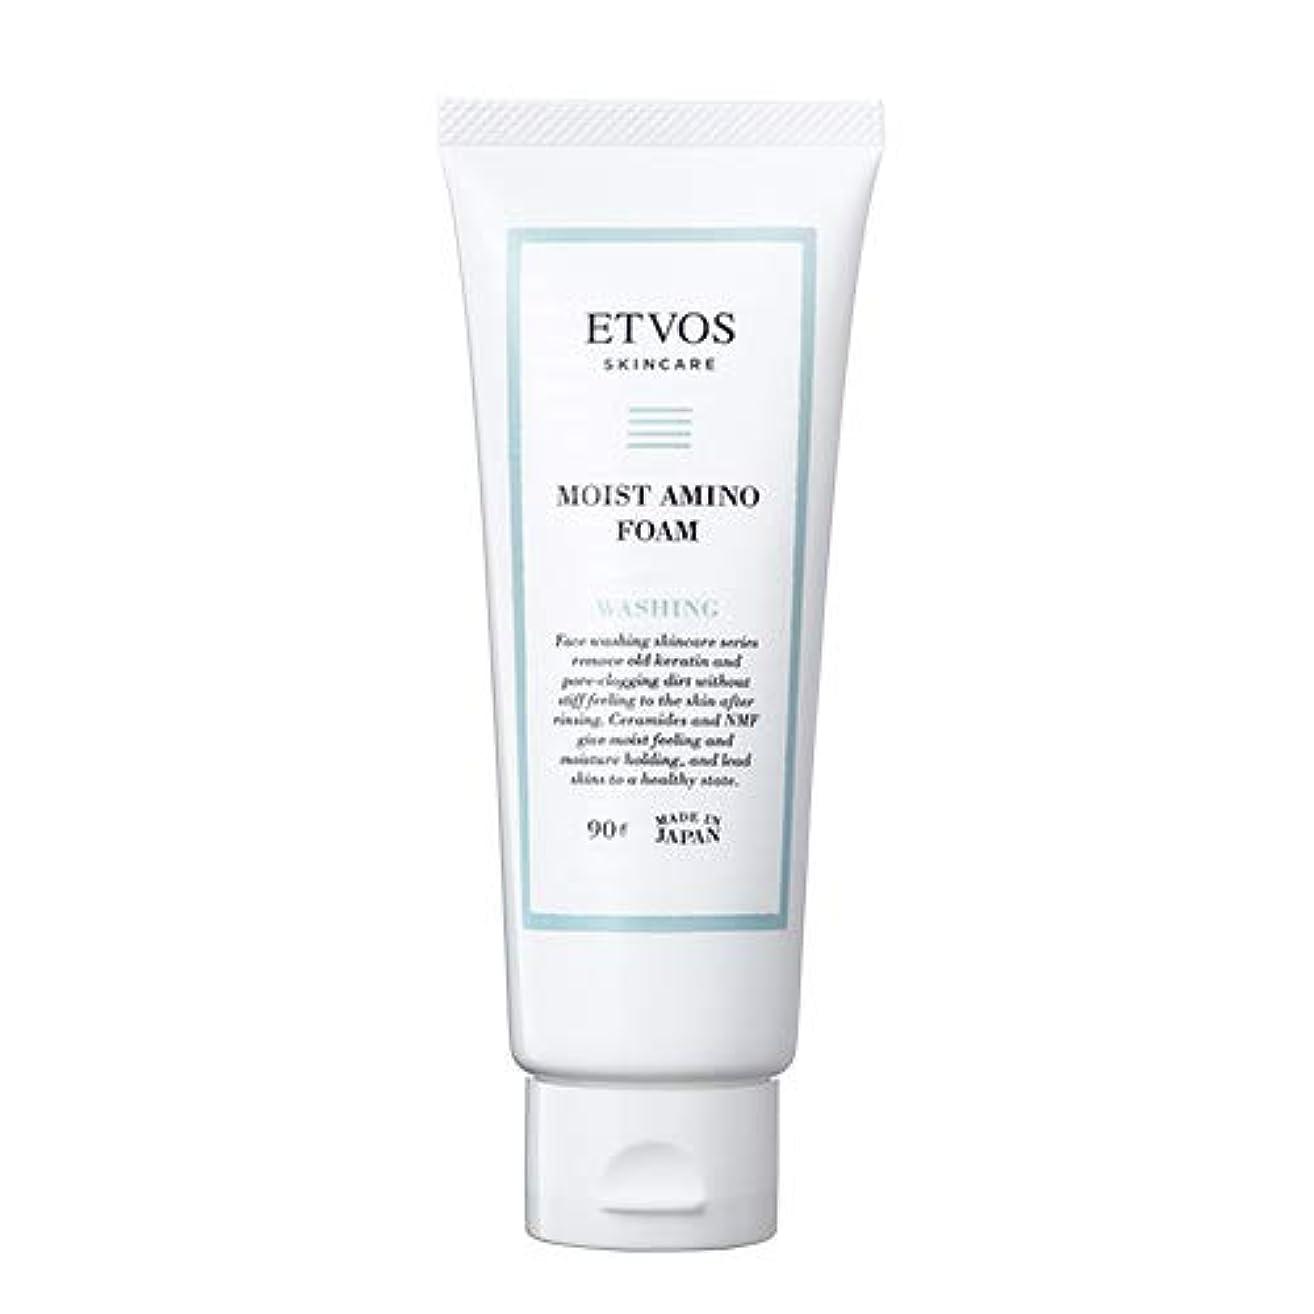 不毛パスポート名義でETVOS(エトヴォス) 洗顔フォーム モイストアミノフォーム 90g ヒト型セラミド アミノ酸系 乾燥肌/敏感肌